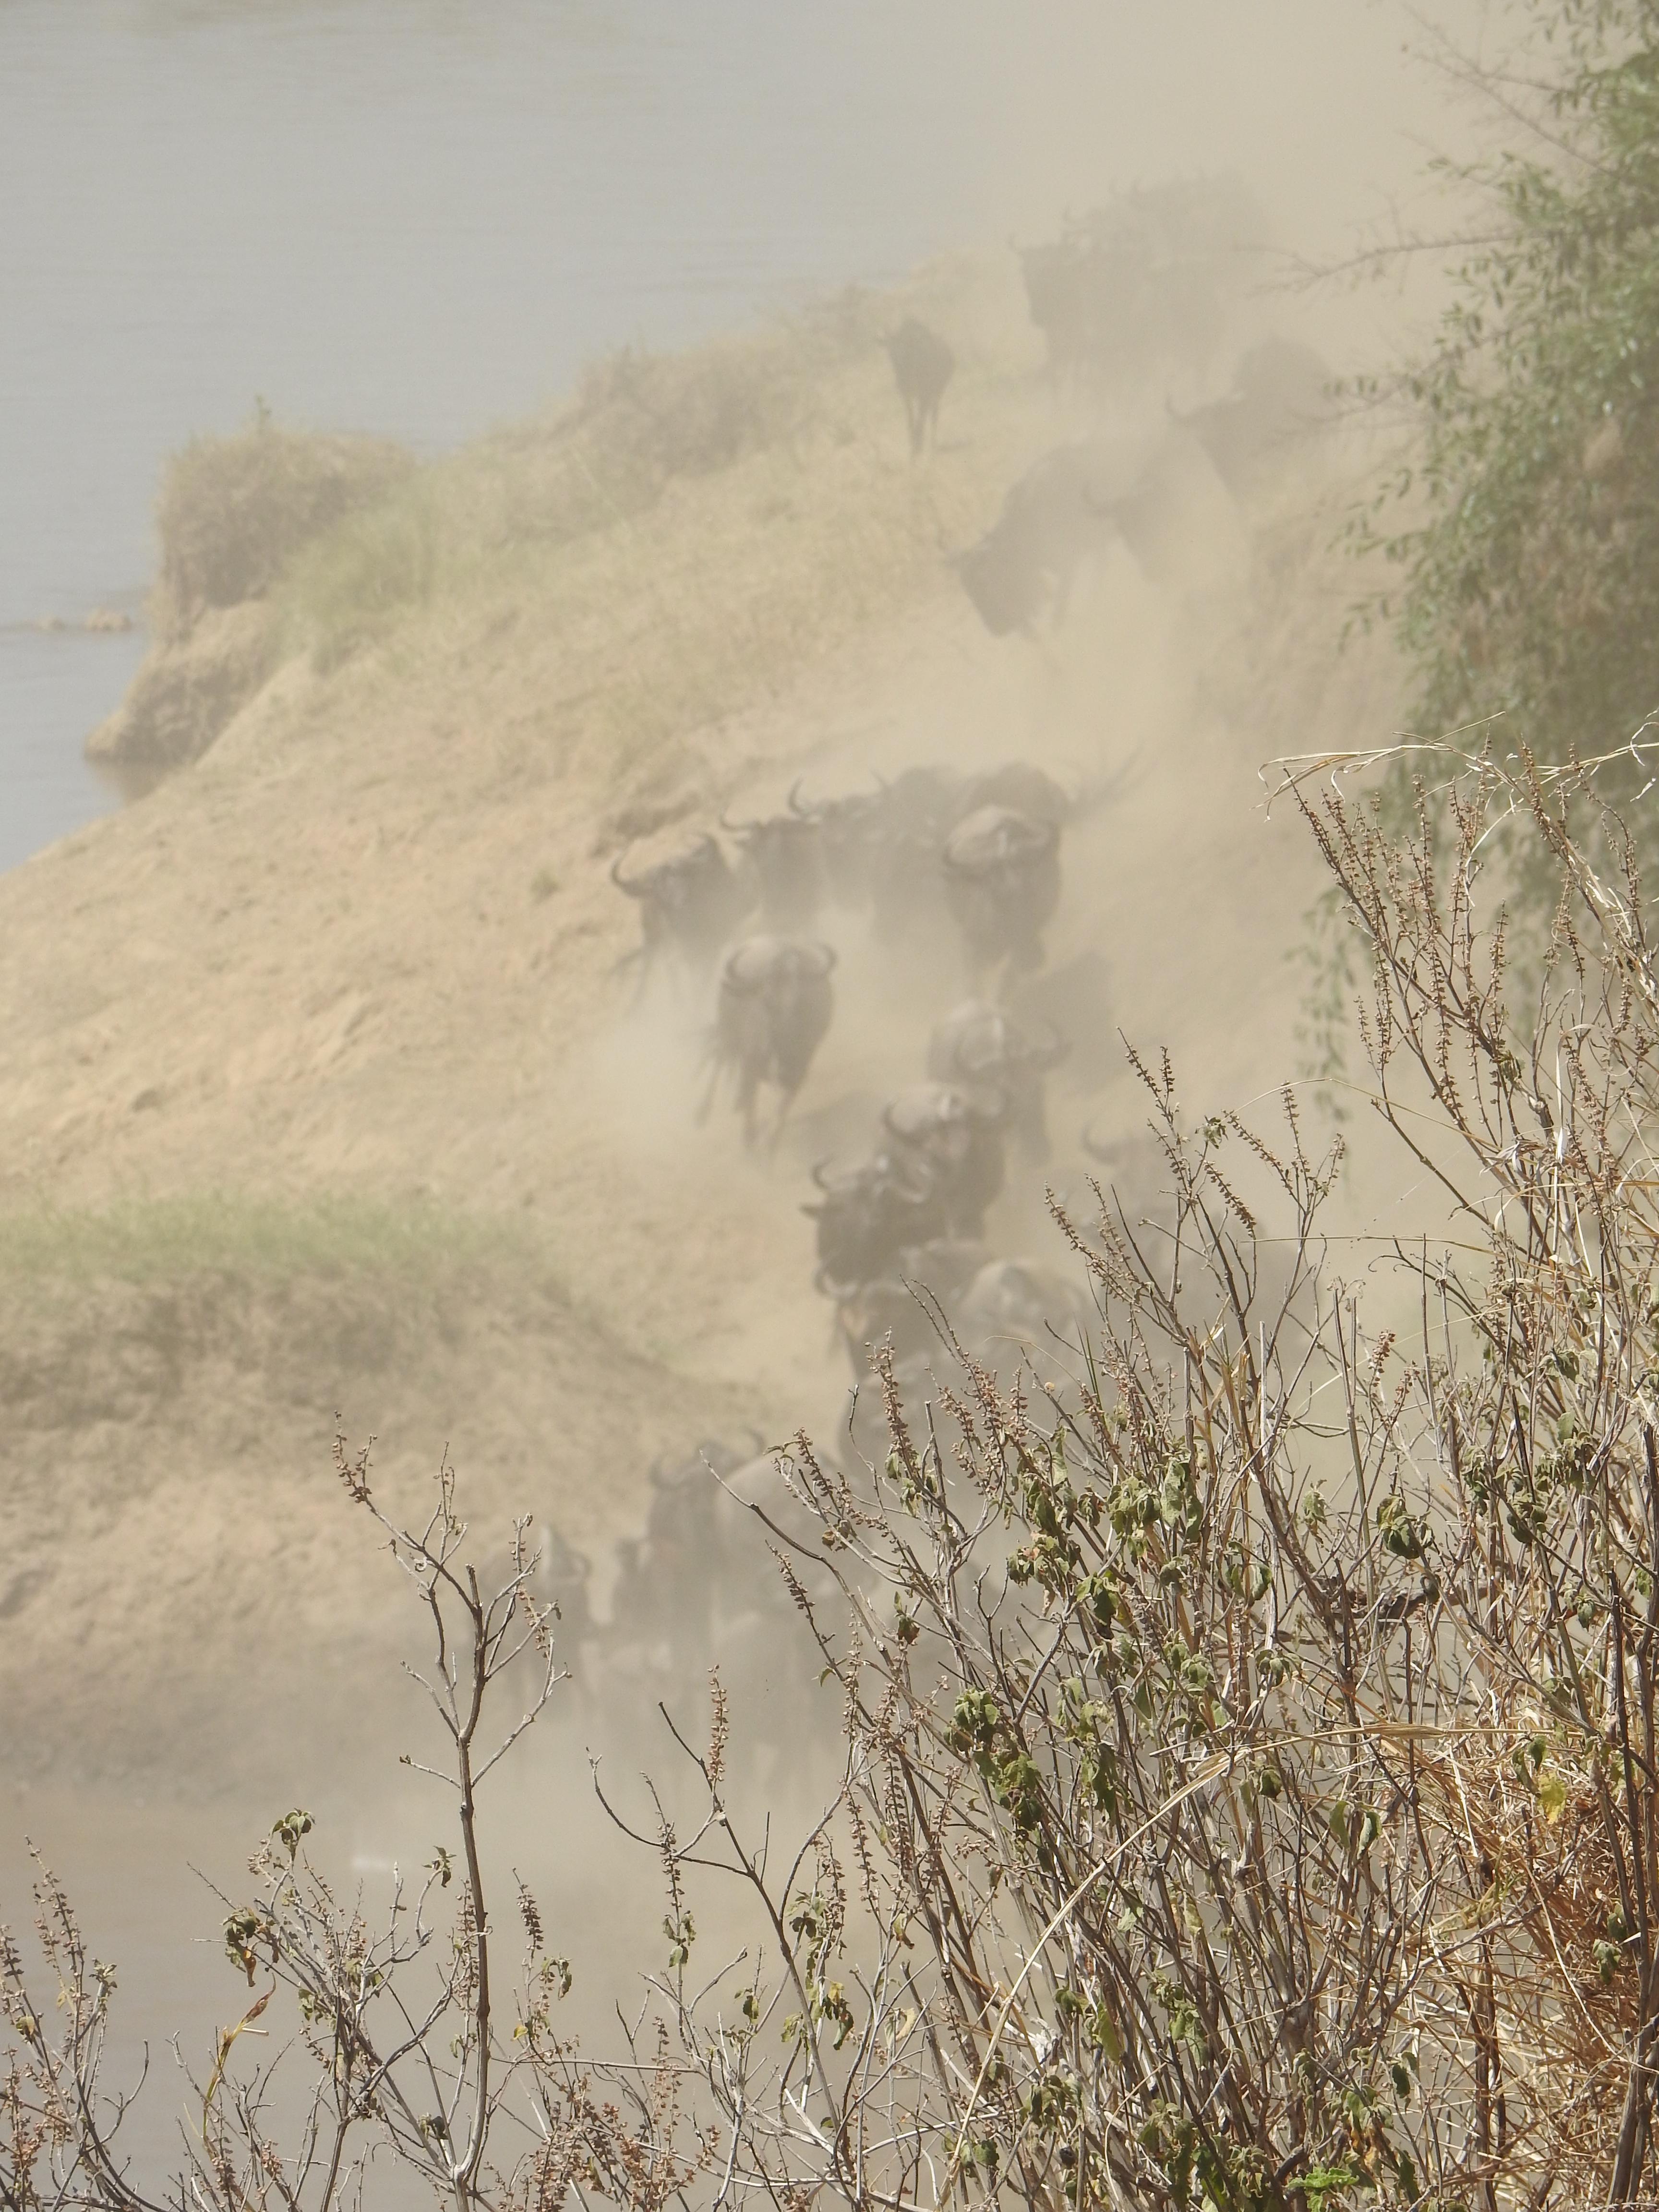 2_dusty_wildebeestJPG.jpg